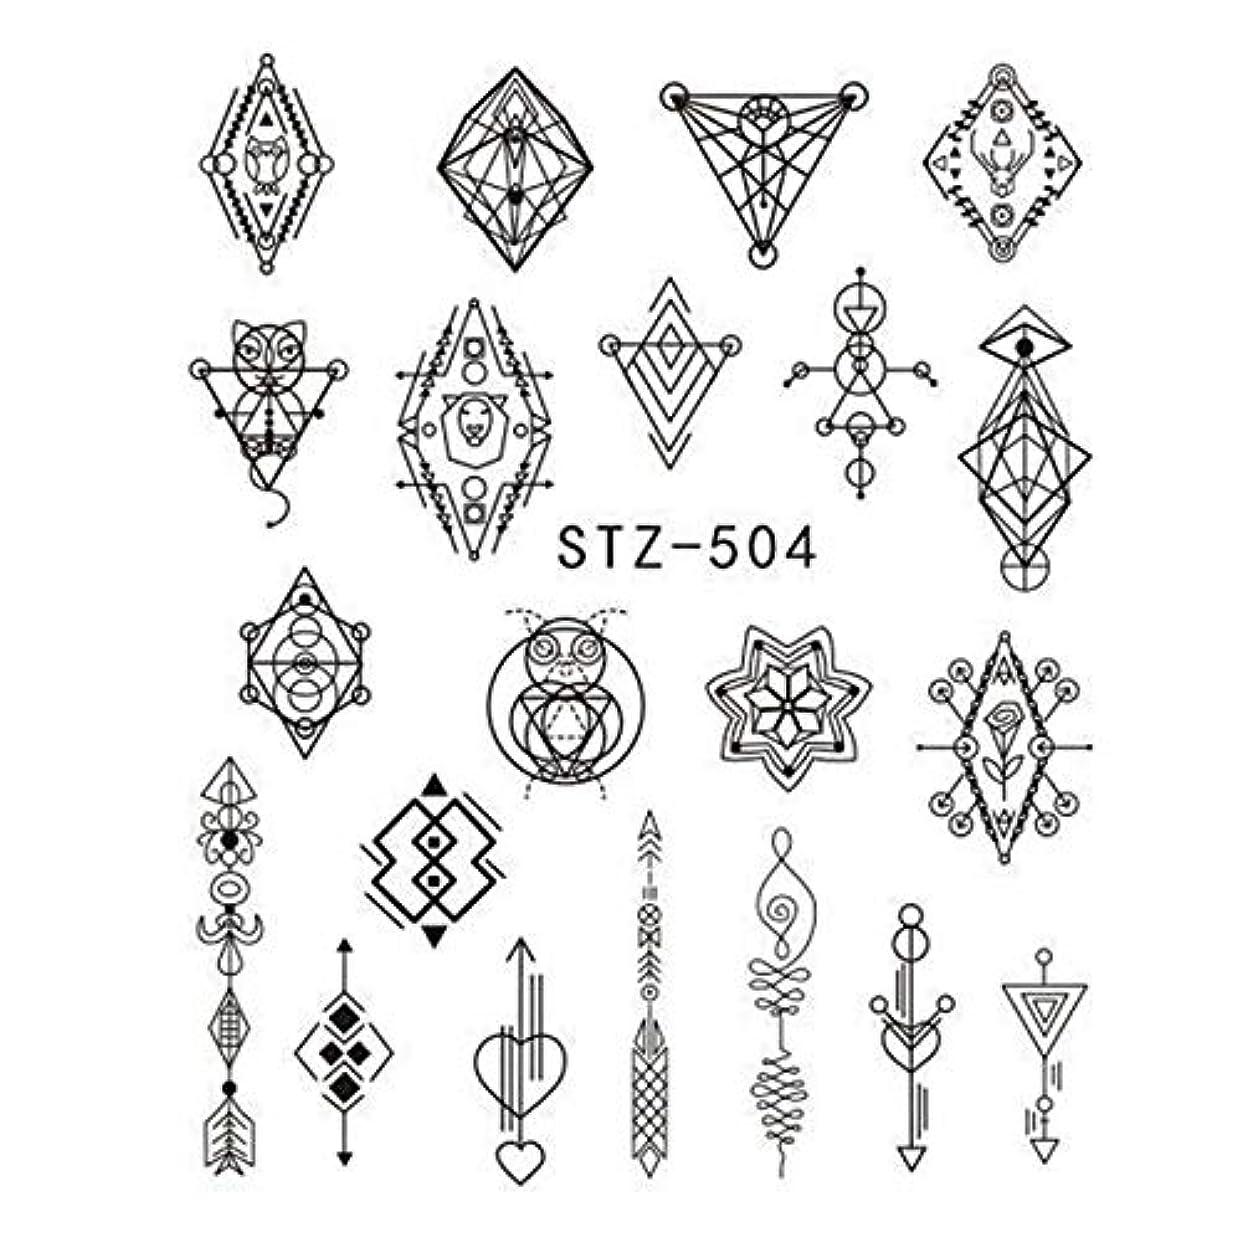 約親指合併ビューティー&パーソナルケア 3個DIYのファッション水転写アートデカールネイルステッカー(STZ500) ステッカー&デカール (色 : STZ504)